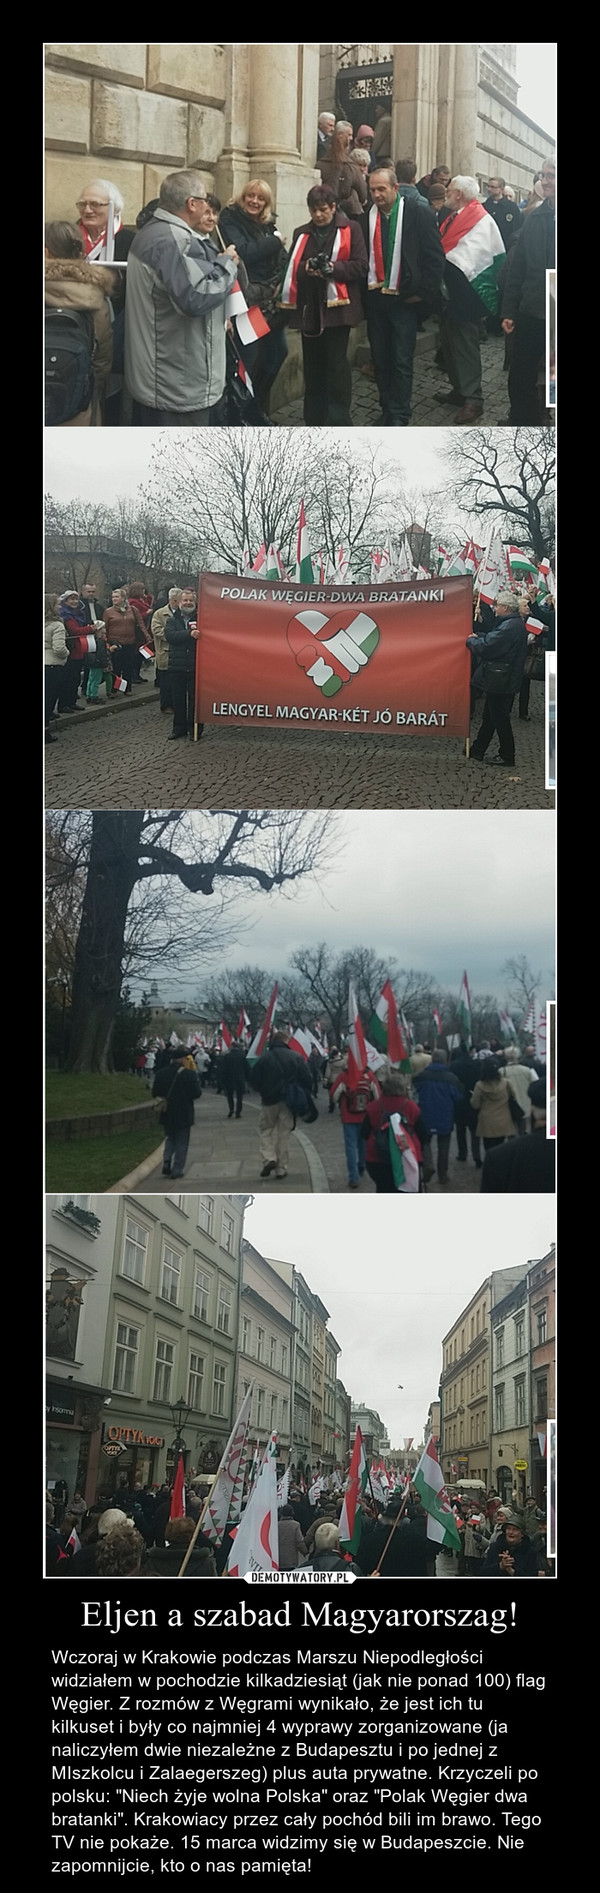 """Eljen a szabad Magyarorszag! – Wczoraj w Krakowie podczas Marszu Niepodległości widziałem w pochodzie kilkadziesiąt (jak nie ponad 100) flag Węgier. Z rozmów z Węgrami wynikało, że jest ich tu kilkuset i były co najmniej 4 wyprawy zorganizowane (ja naliczyłem dwie niezależne z Budapesztu i po jednej z MIszkolcu i Zalaegerszeg) plus auta prywatne. Krzyczeli po polsku: """"Niech żyje wolna Polska"""" oraz """"Polak Węgier dwa bratanki"""". Krakowiacy przez cały pochód bili im brawo. Tego TV nie pokaże. 15 marca widzimy się w Budapeszcie. Nie zapomnijcie, kto o nas pamięta!"""